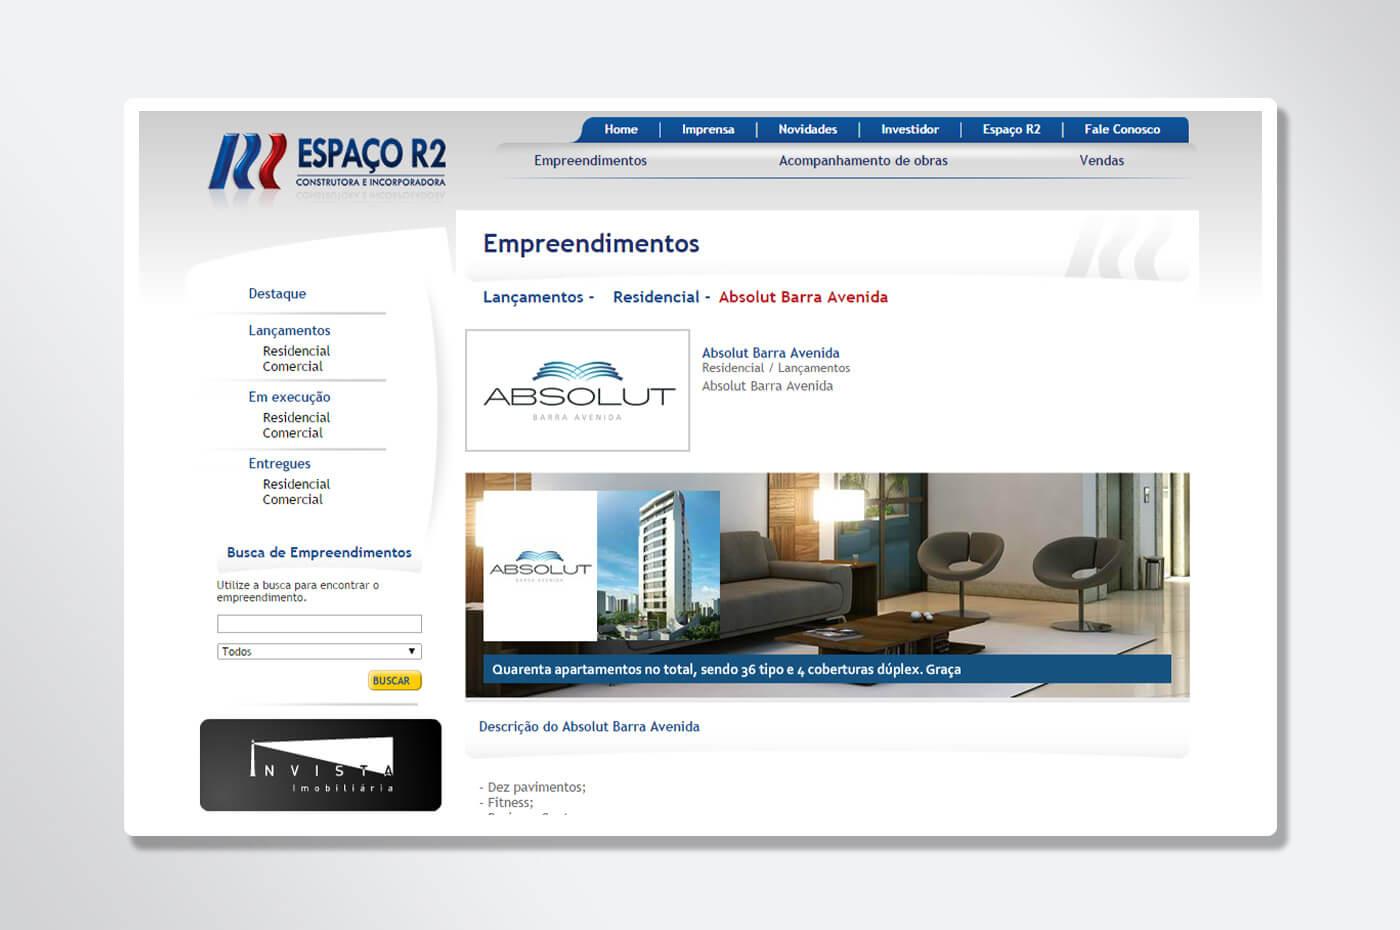 https://www.rafaeloliveira.com/portfolio/espaco-r2-construtora